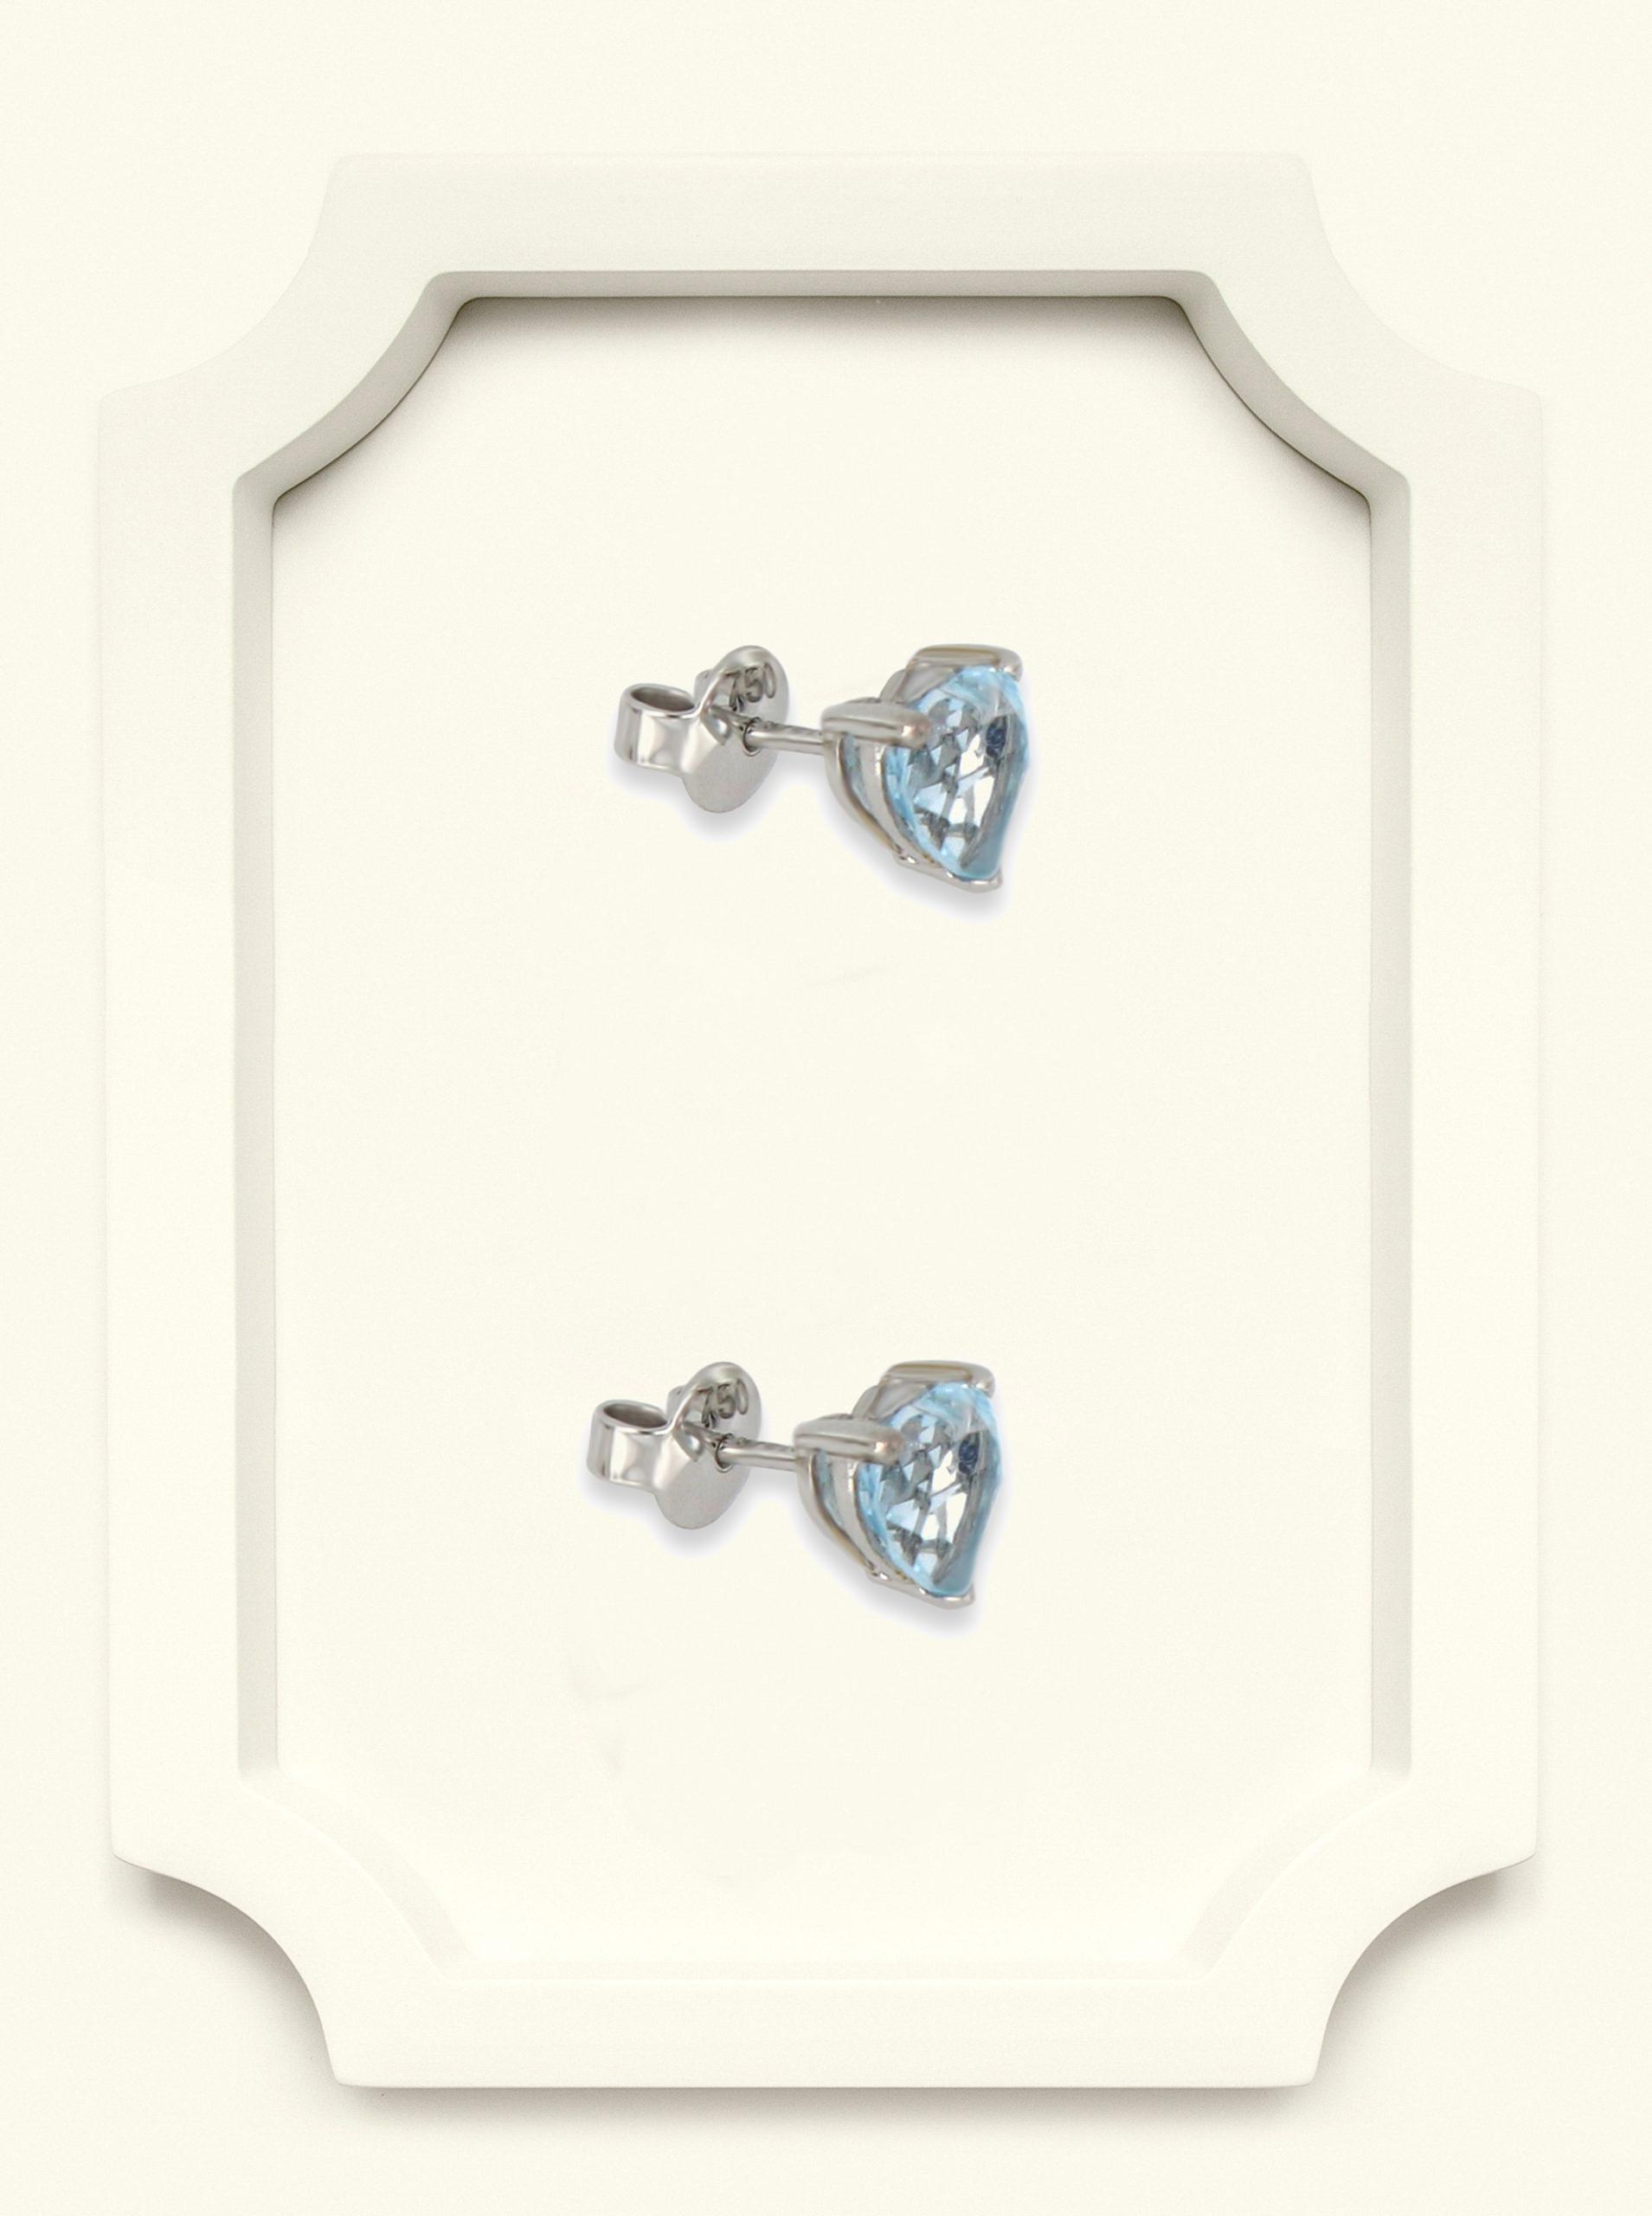 Blue topaz stud earrings